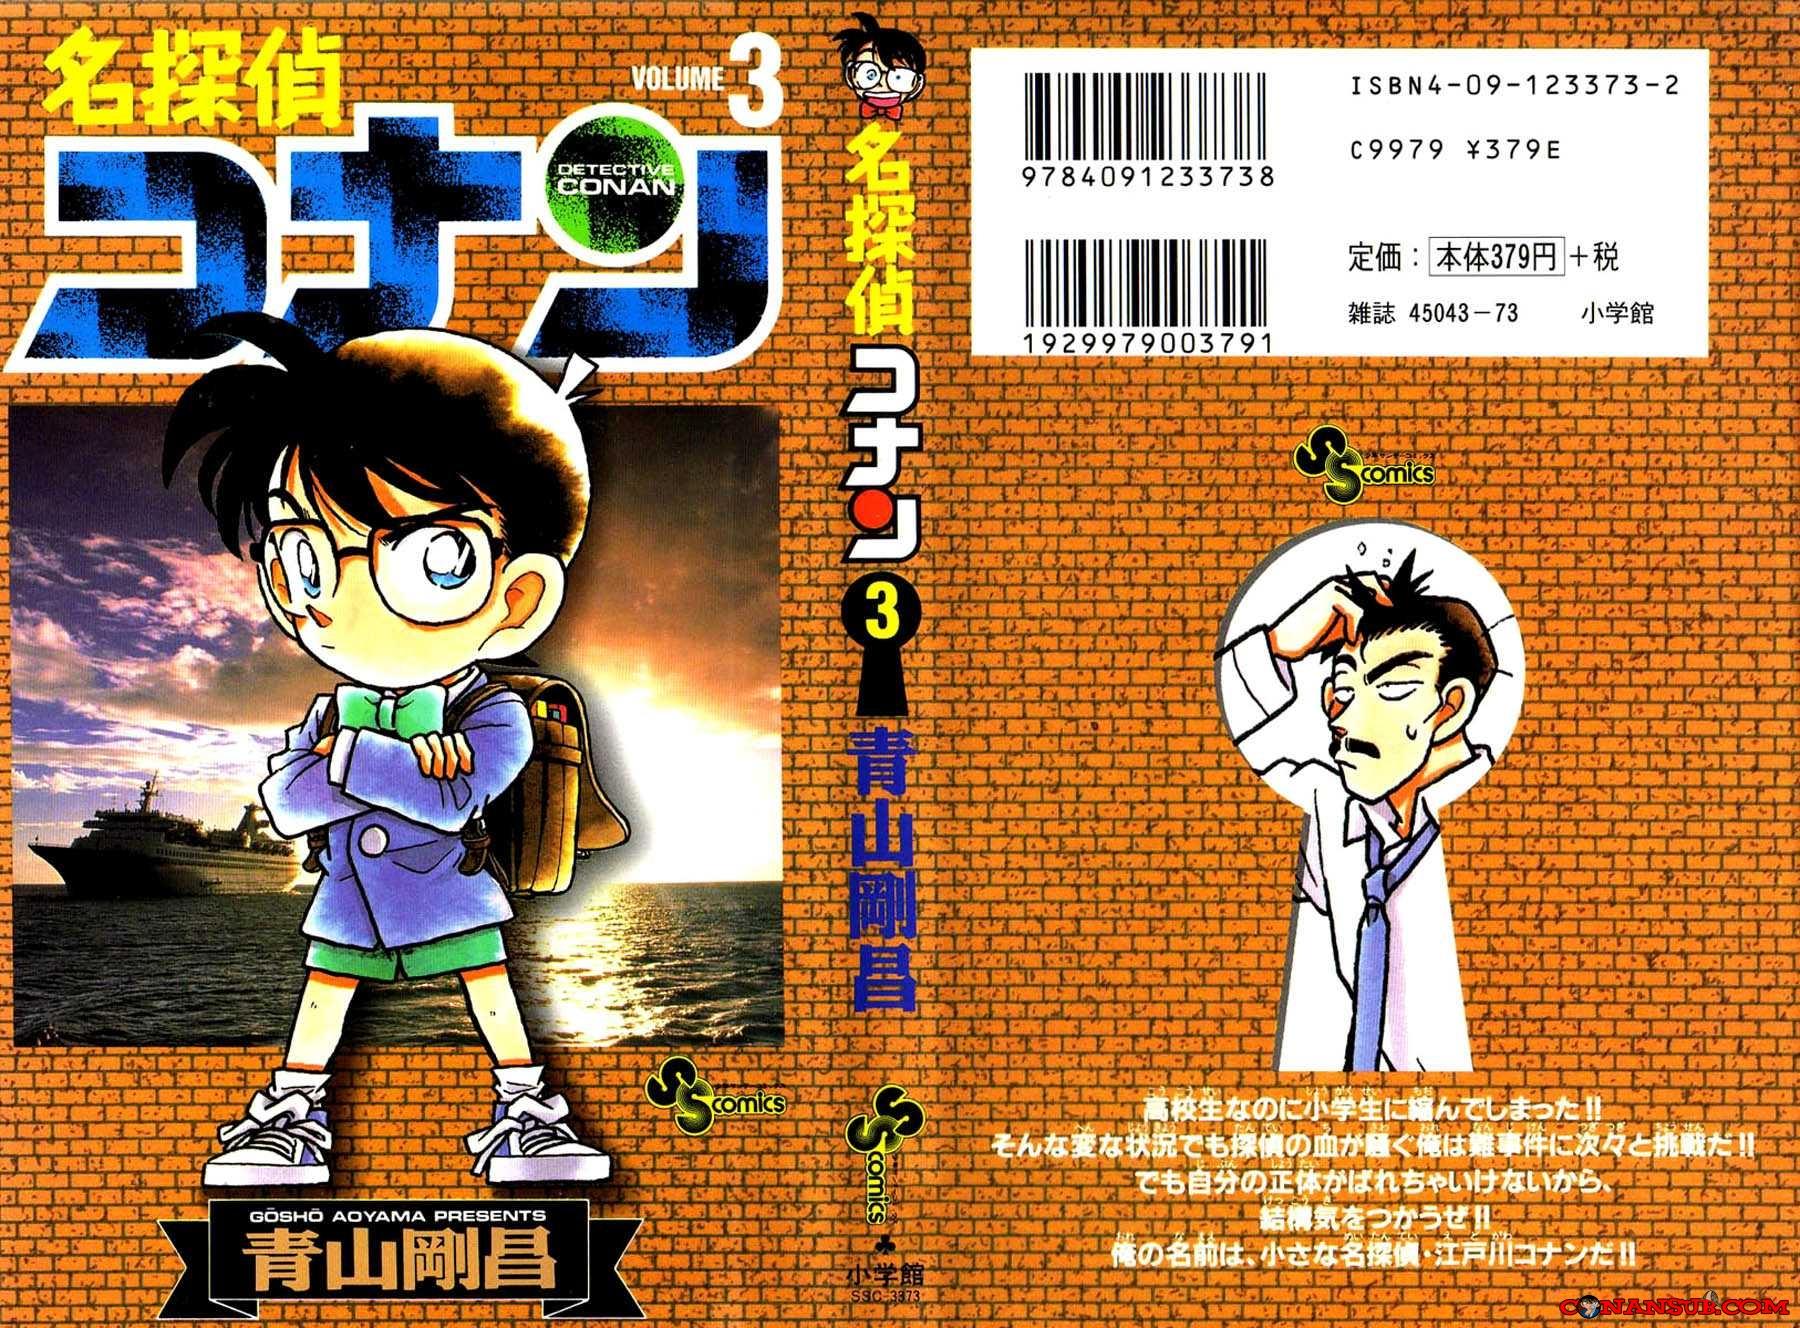 cn 020, Thám tử lừng danh Conan chap 20    NarutoSub